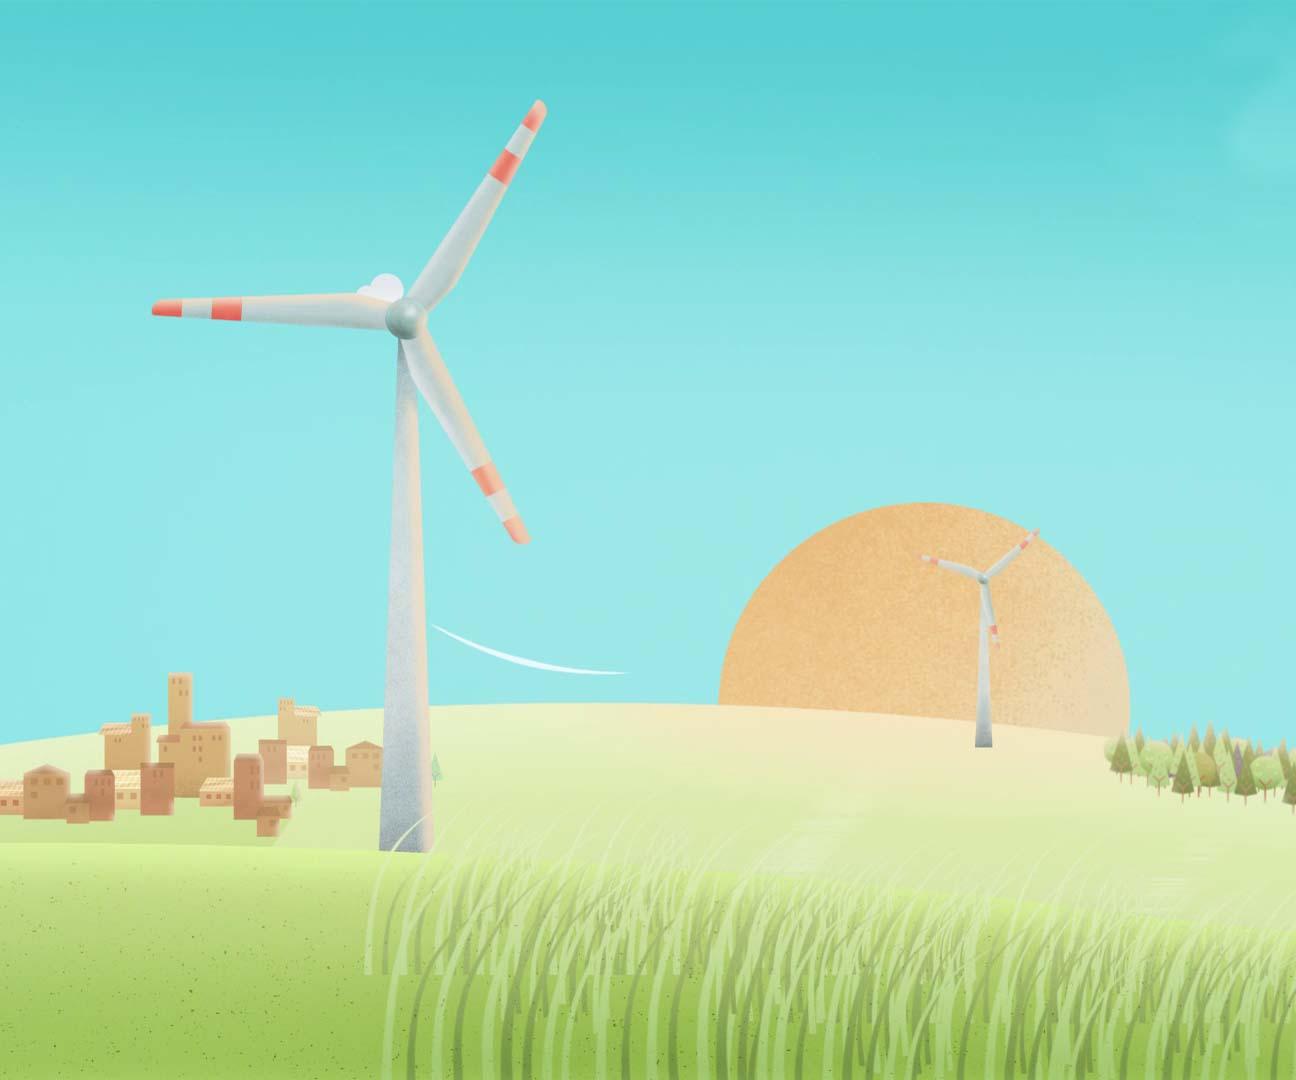 Zwei Windräder in grüner Landschaft